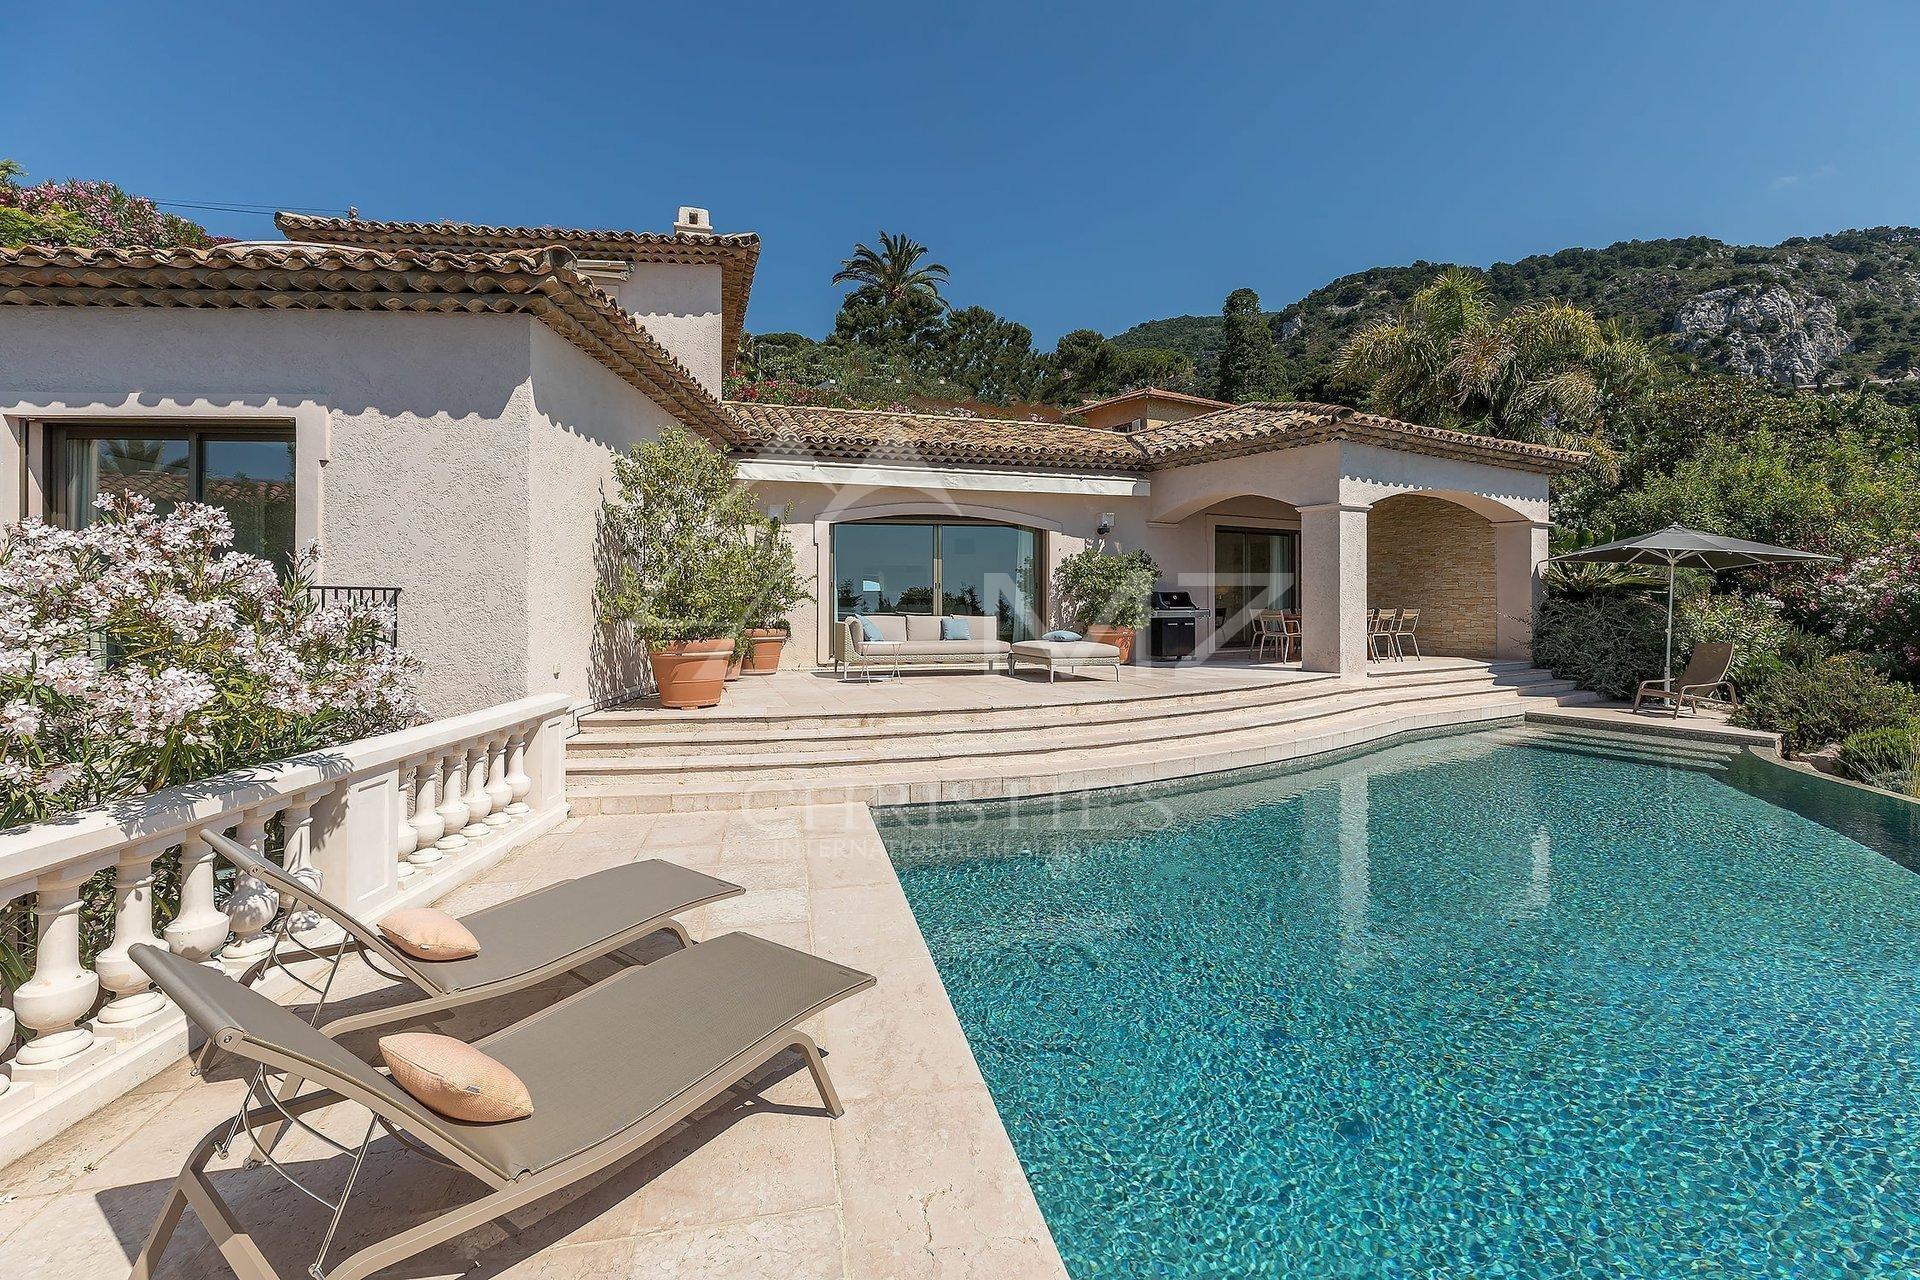 Villa in Villefranche-sur-Mer, Provence-Alpes-Côte d'Azur, France 1 - 11051465